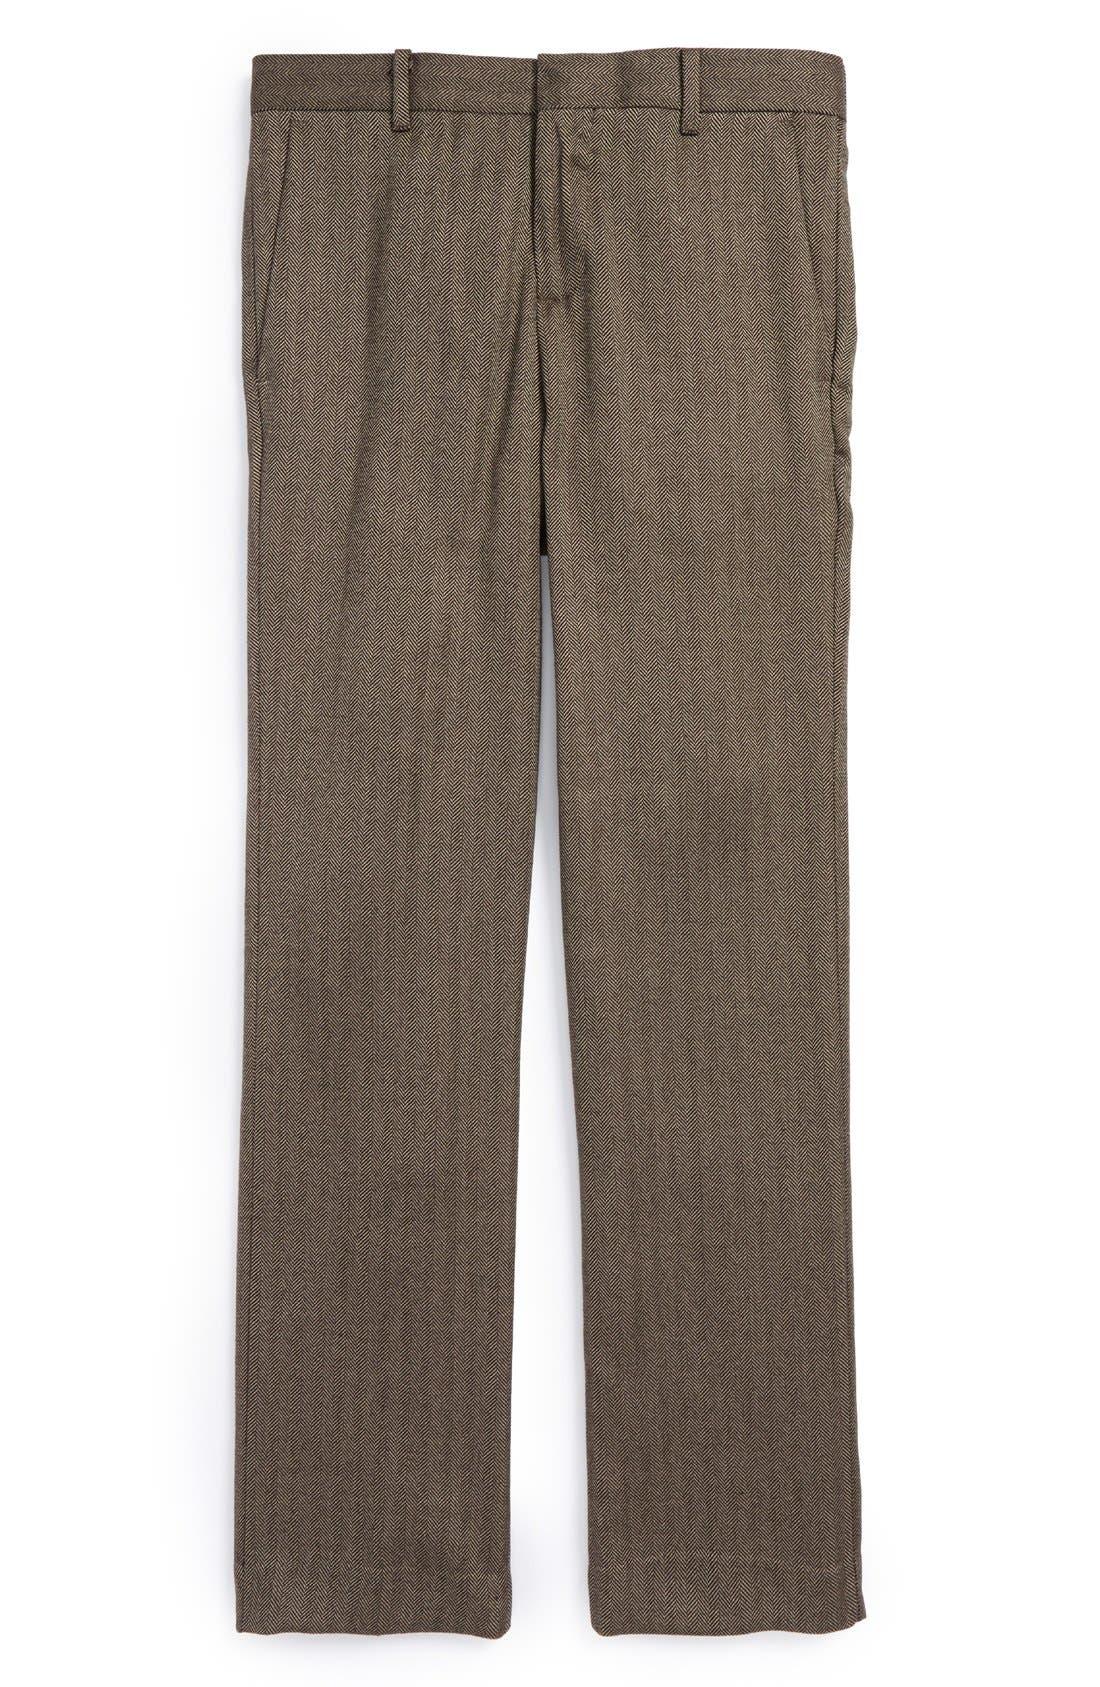 Alternate Image 1 Selected - Nordstrom 'Phillip' Herringbone Trousers (Toddler Boys, Little Boys & Big Boys)